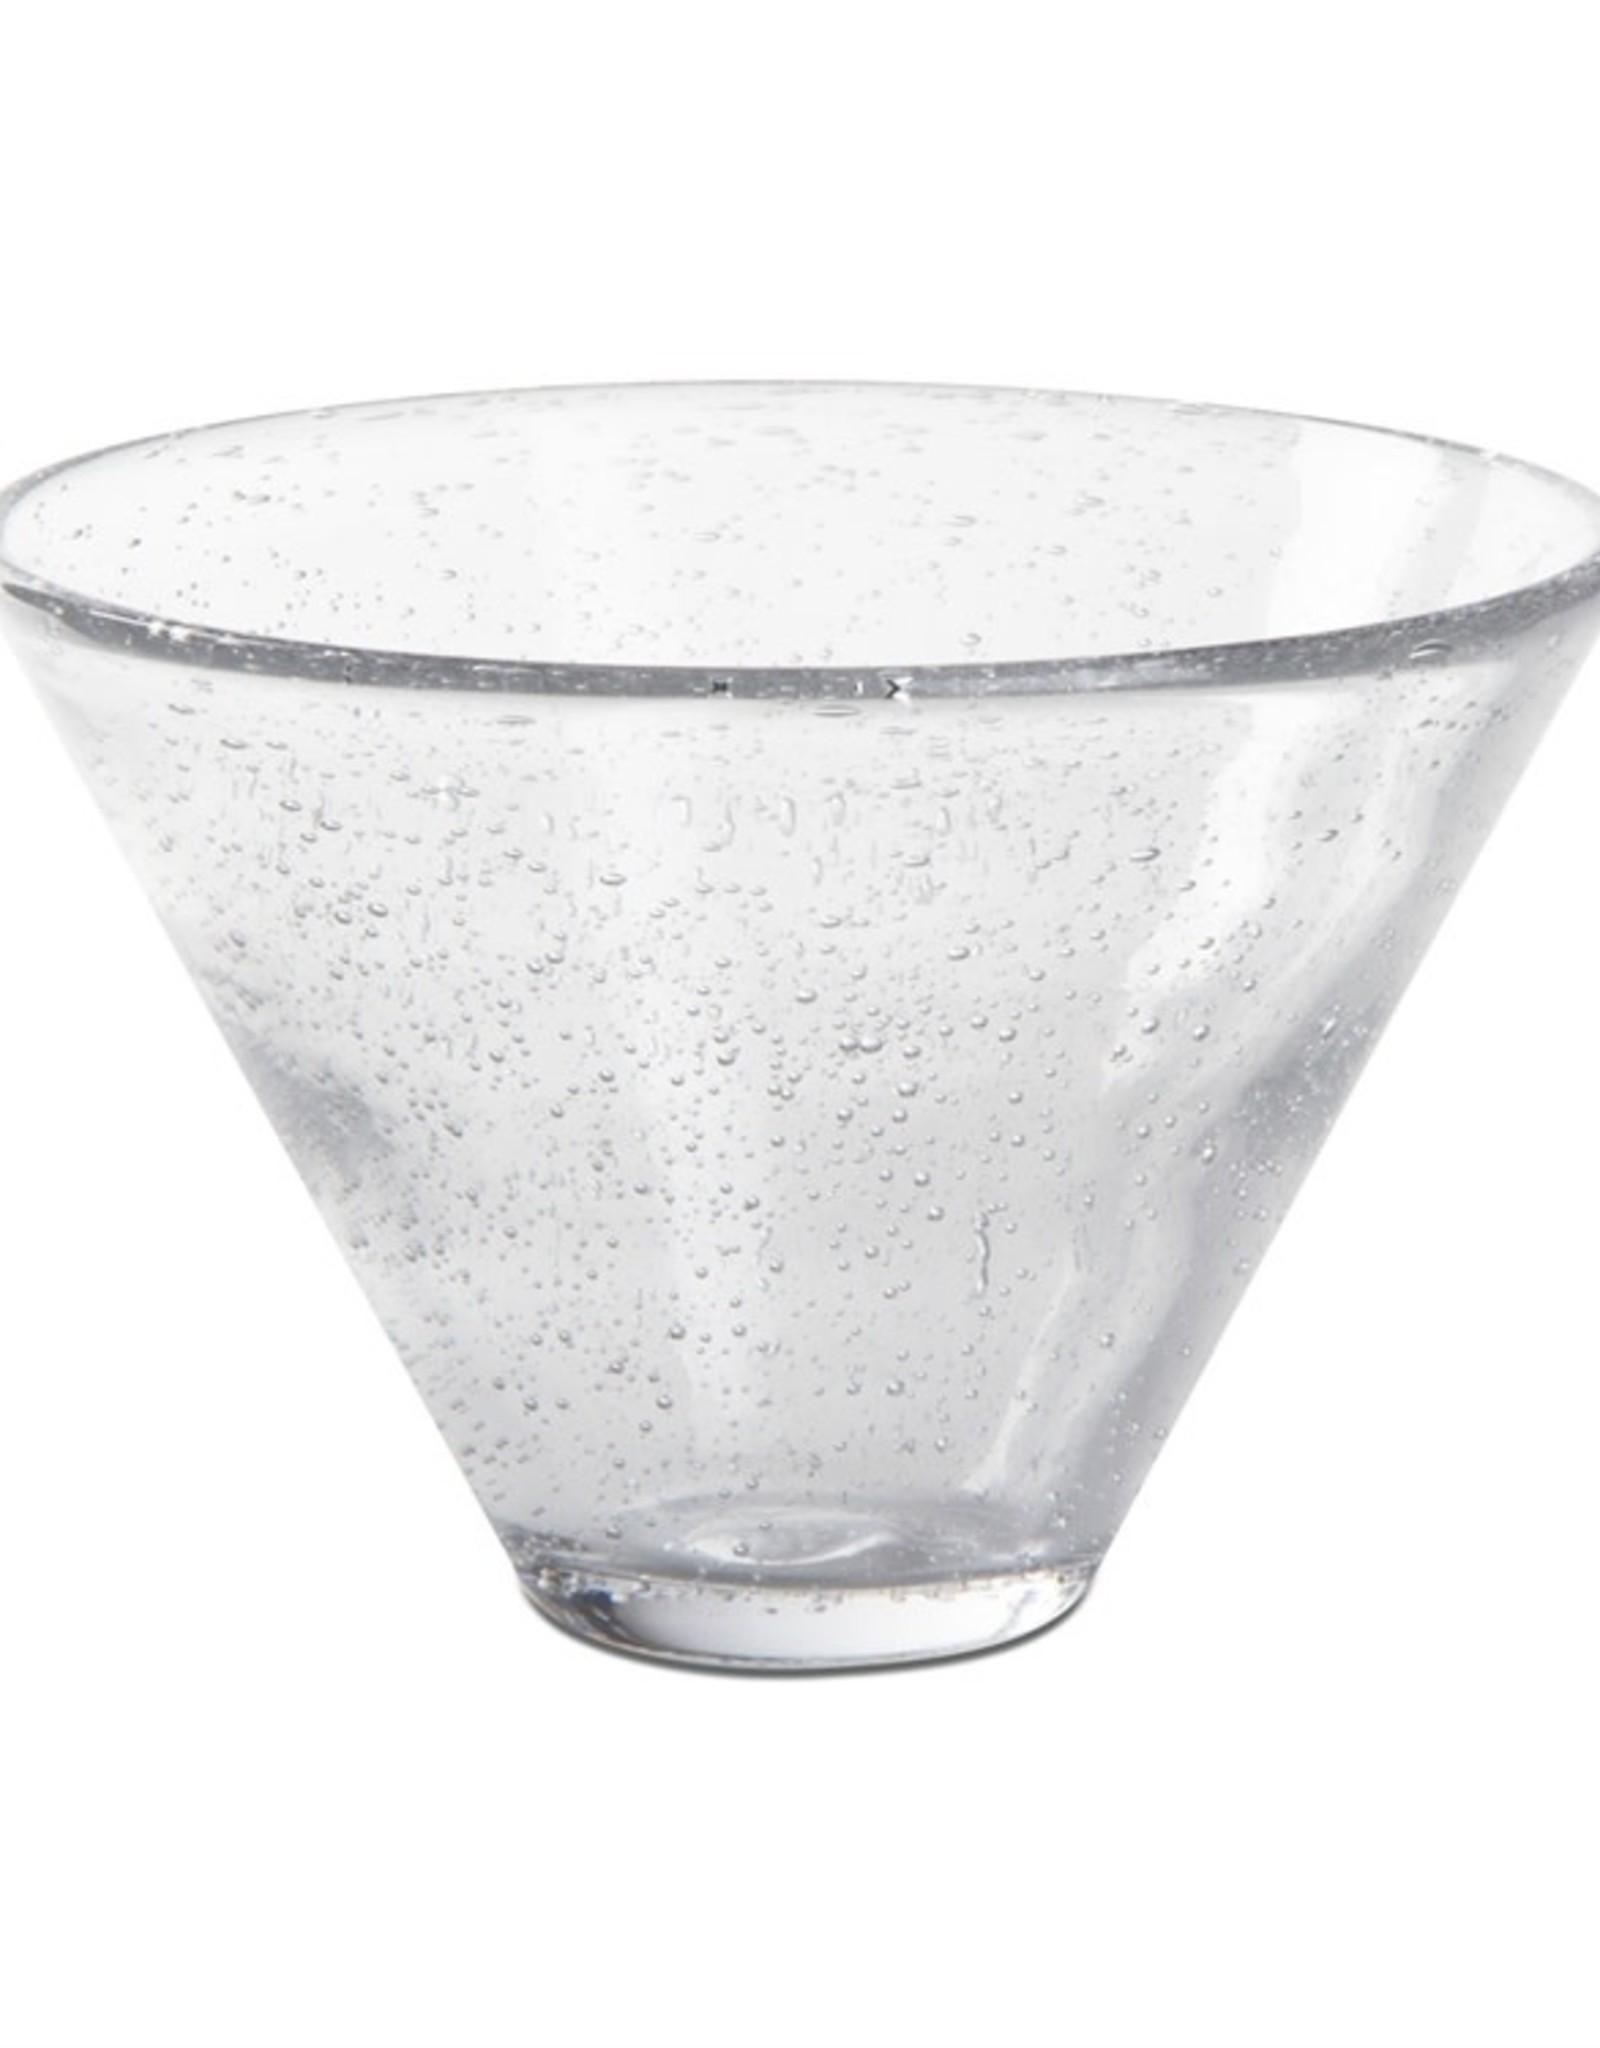 Bubble Glassware - Stemless Martini Glass